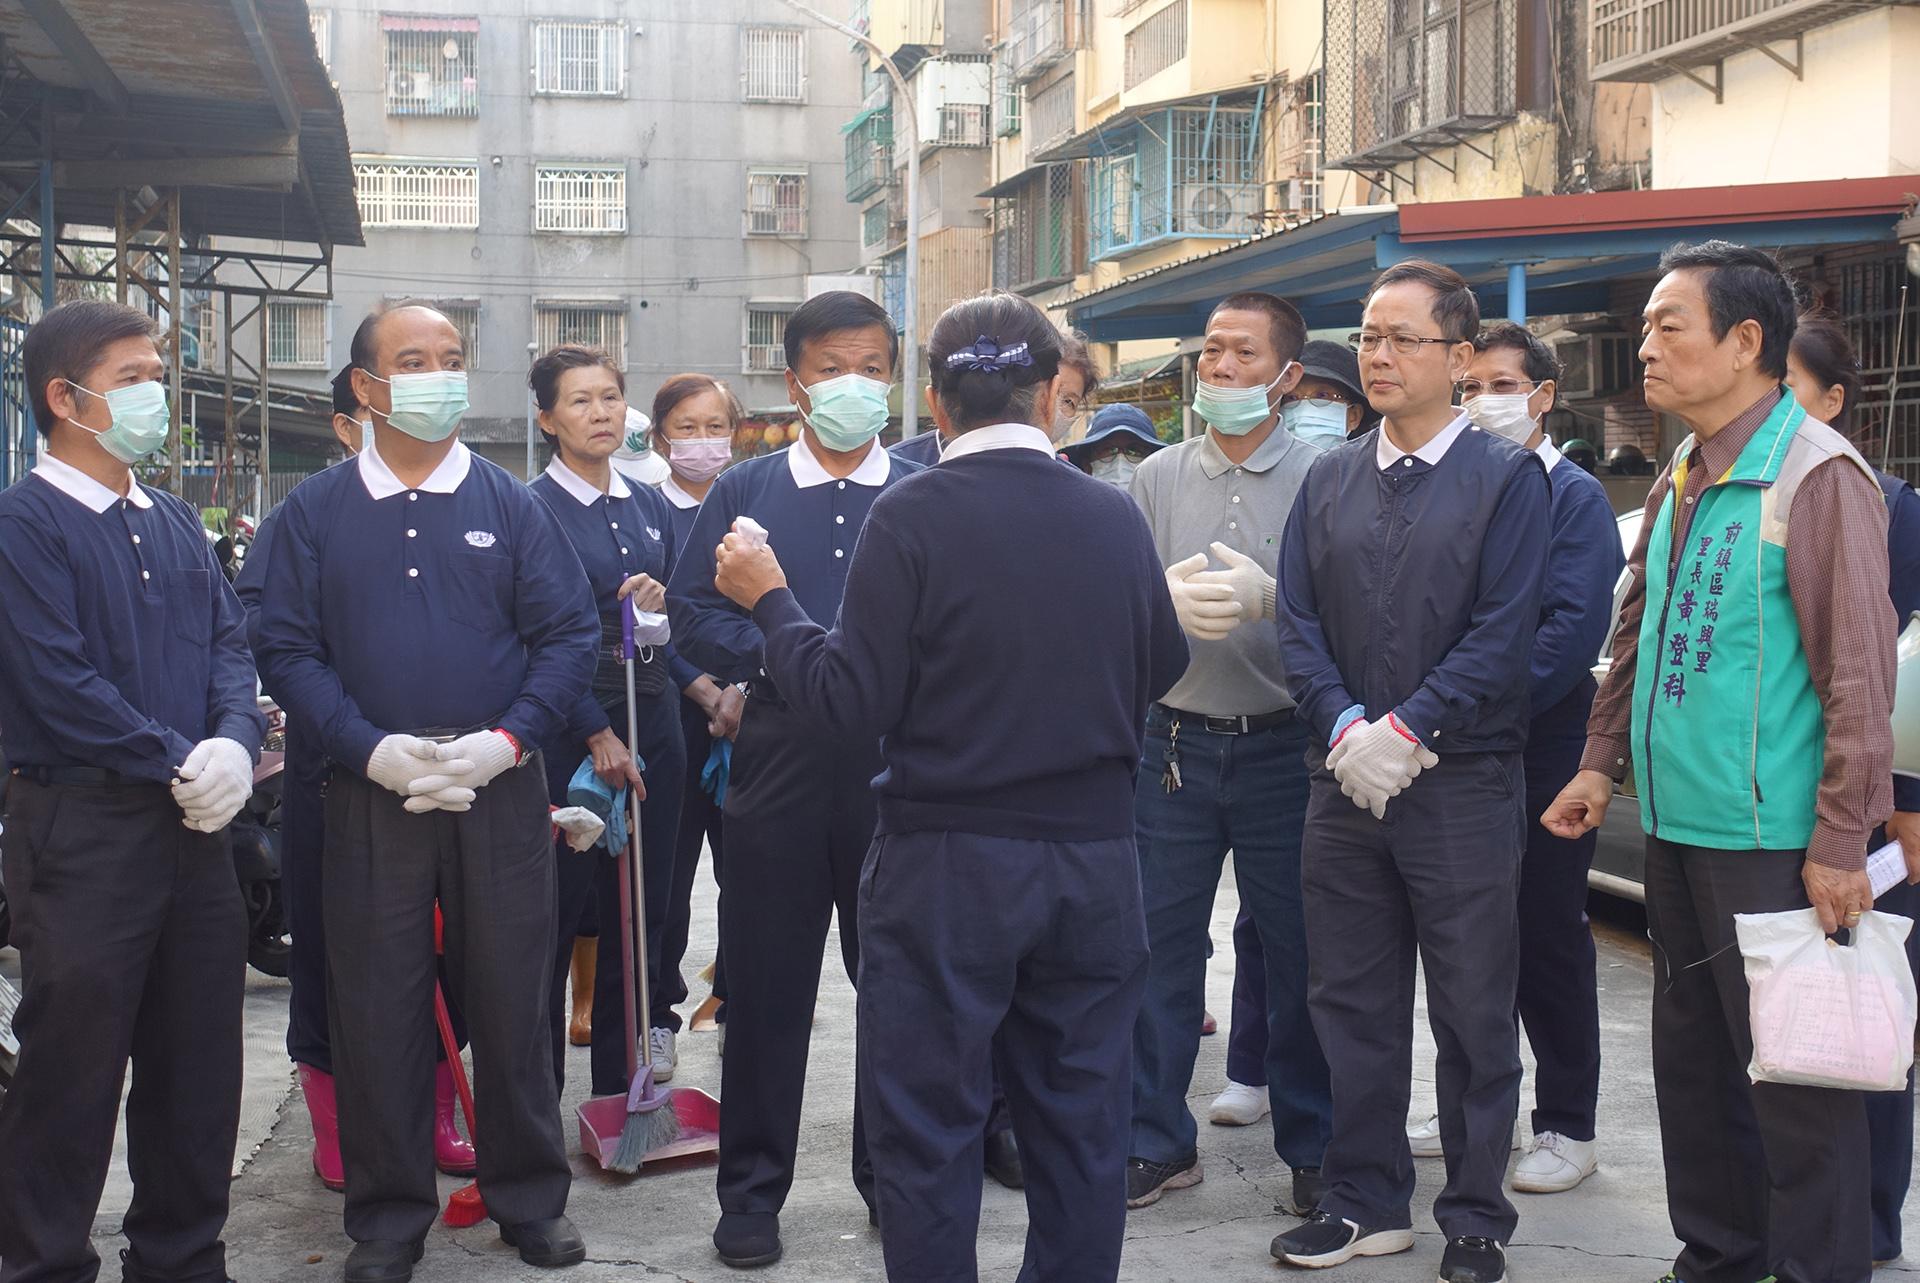 1月13日上午8點,30位慈濟志工拿著打掃工具,前往吳爺爺家清掃。